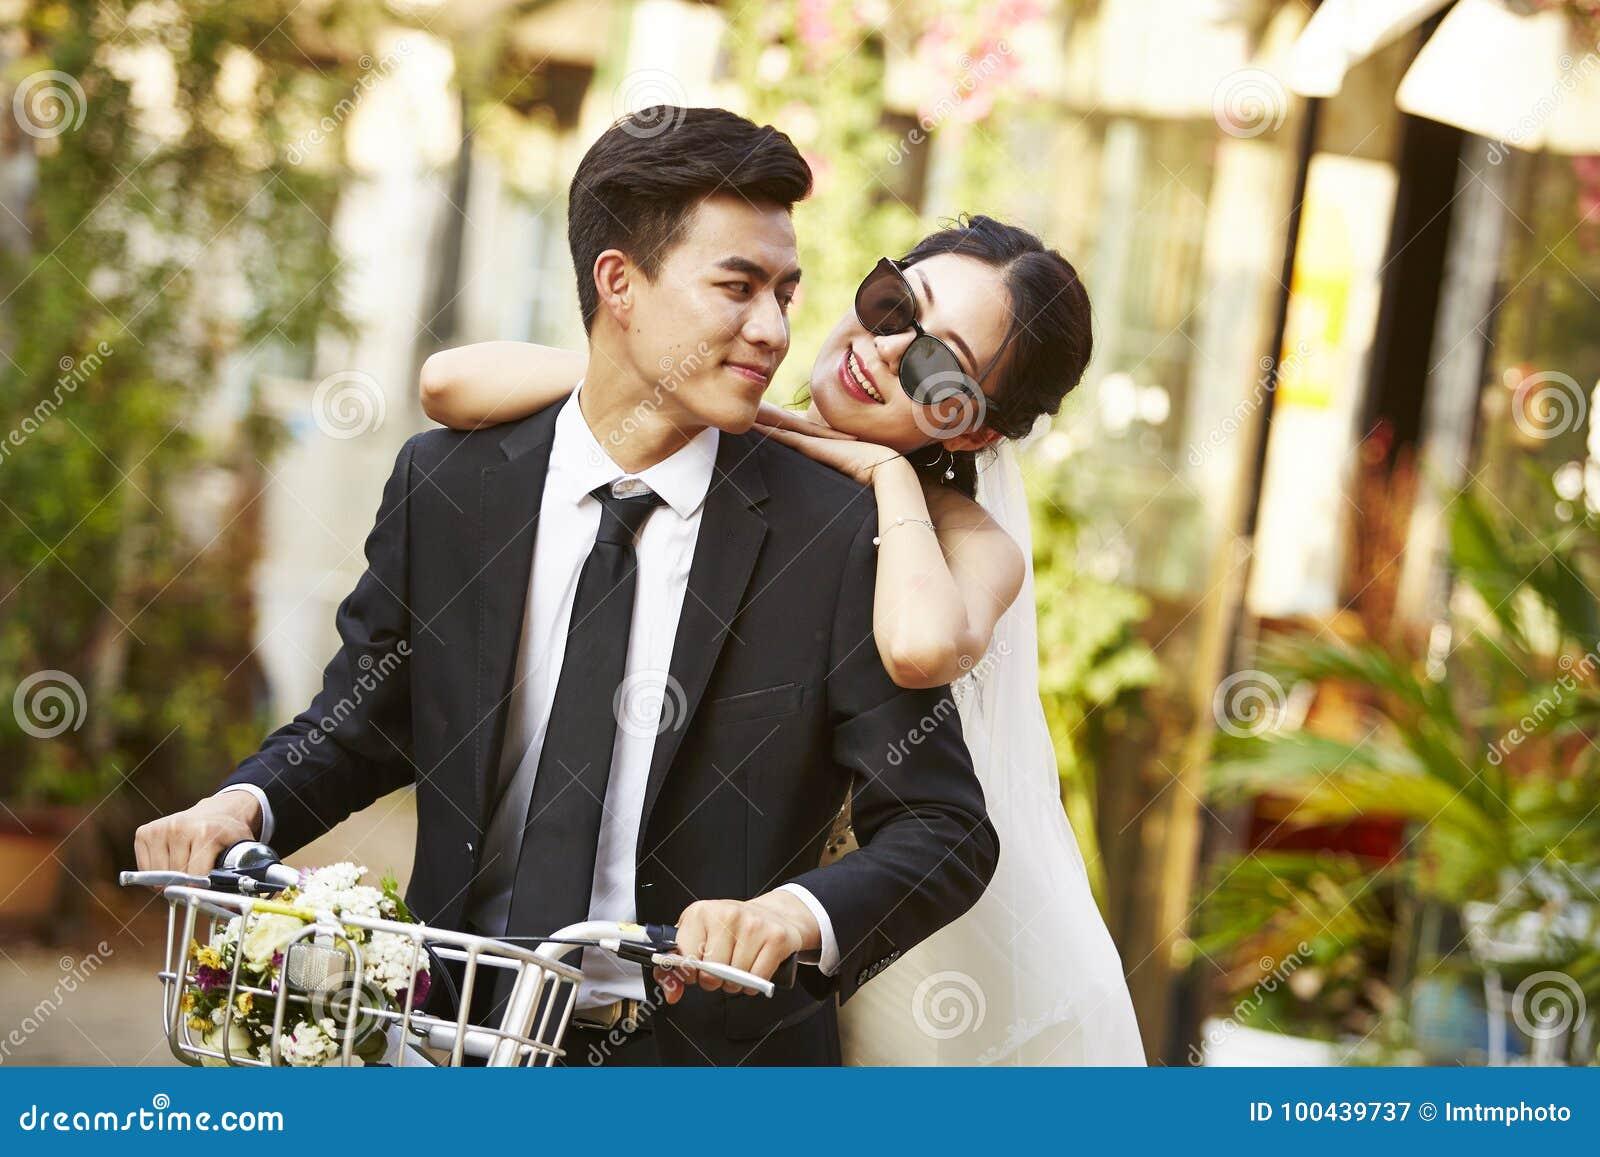 O asiático wed recentemente os pares que montam uma bicicleta